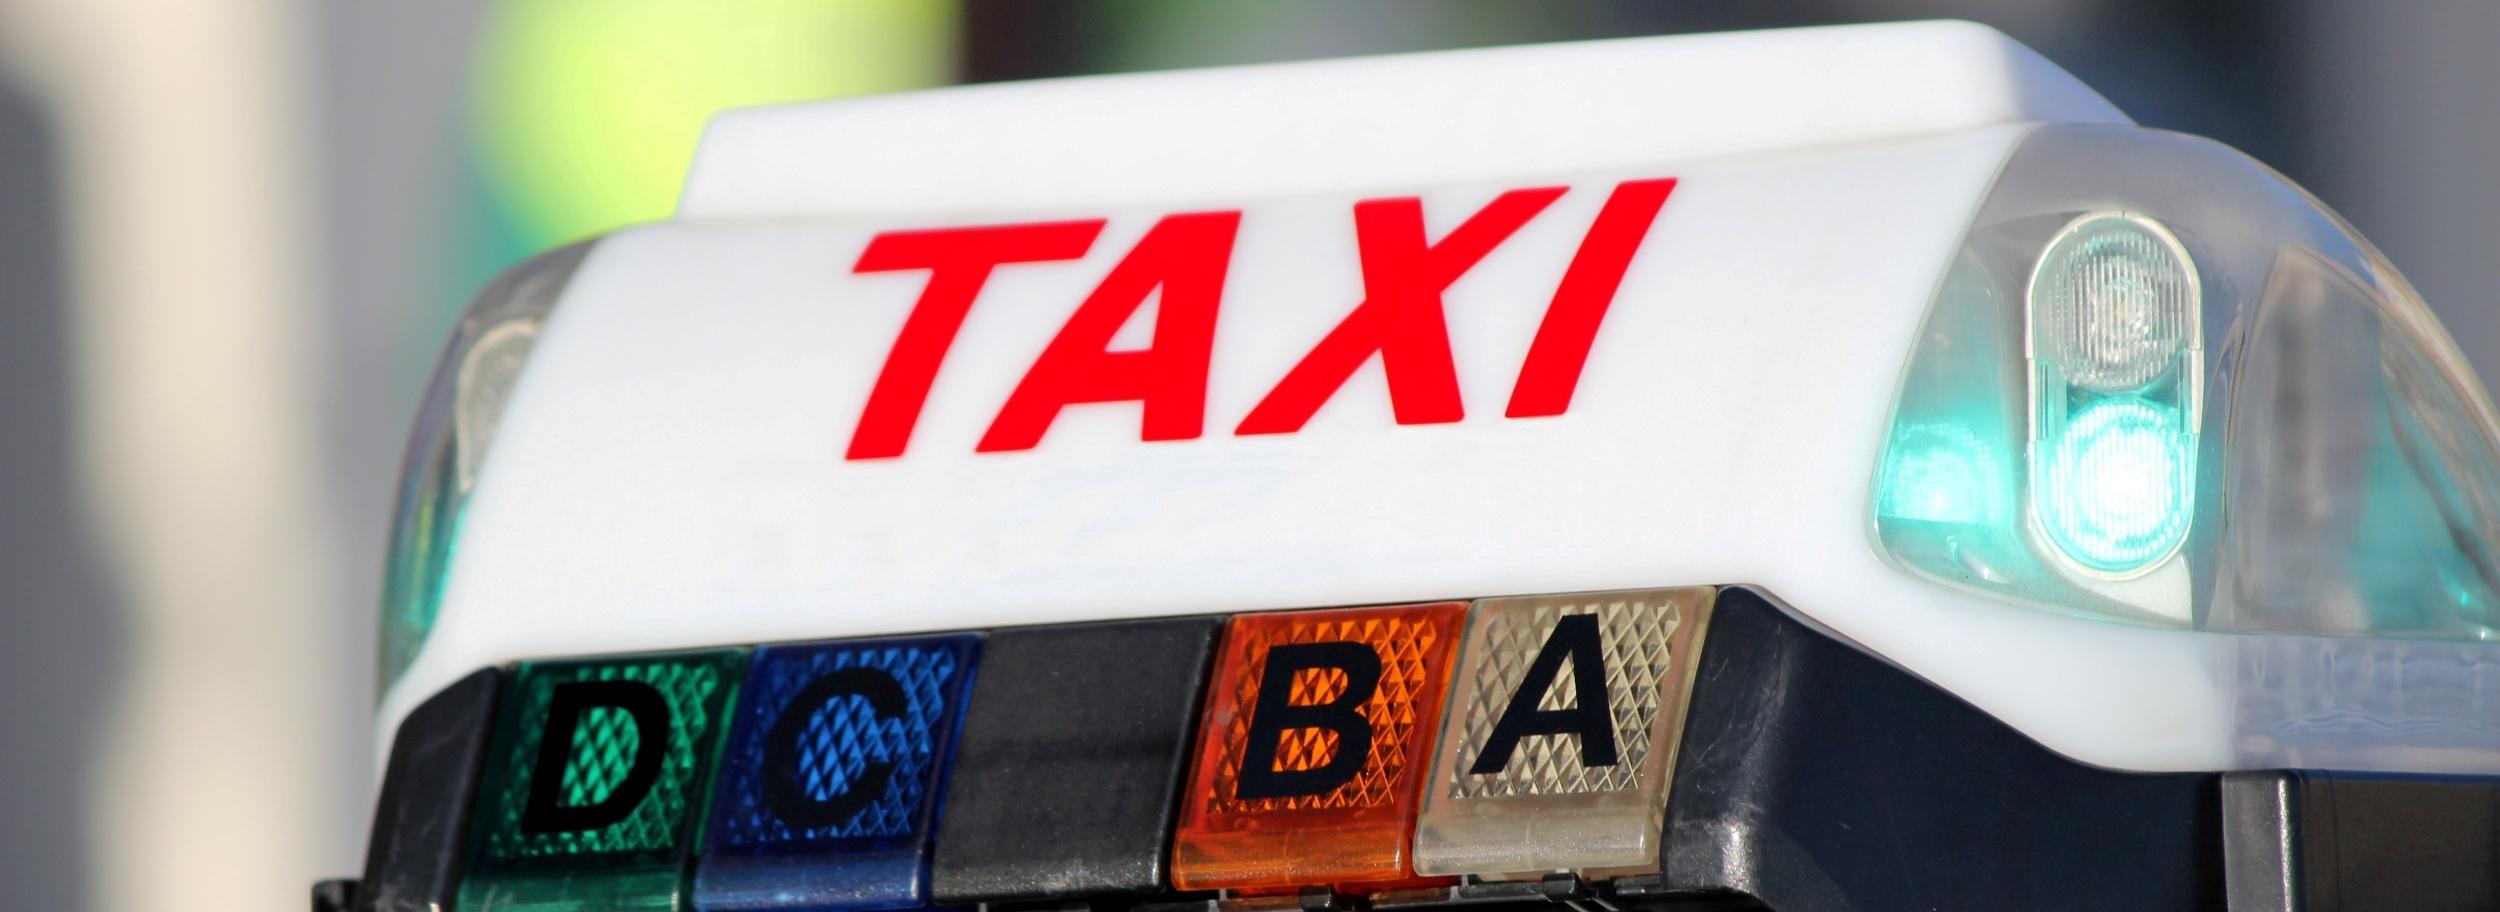 taxi-bandeau